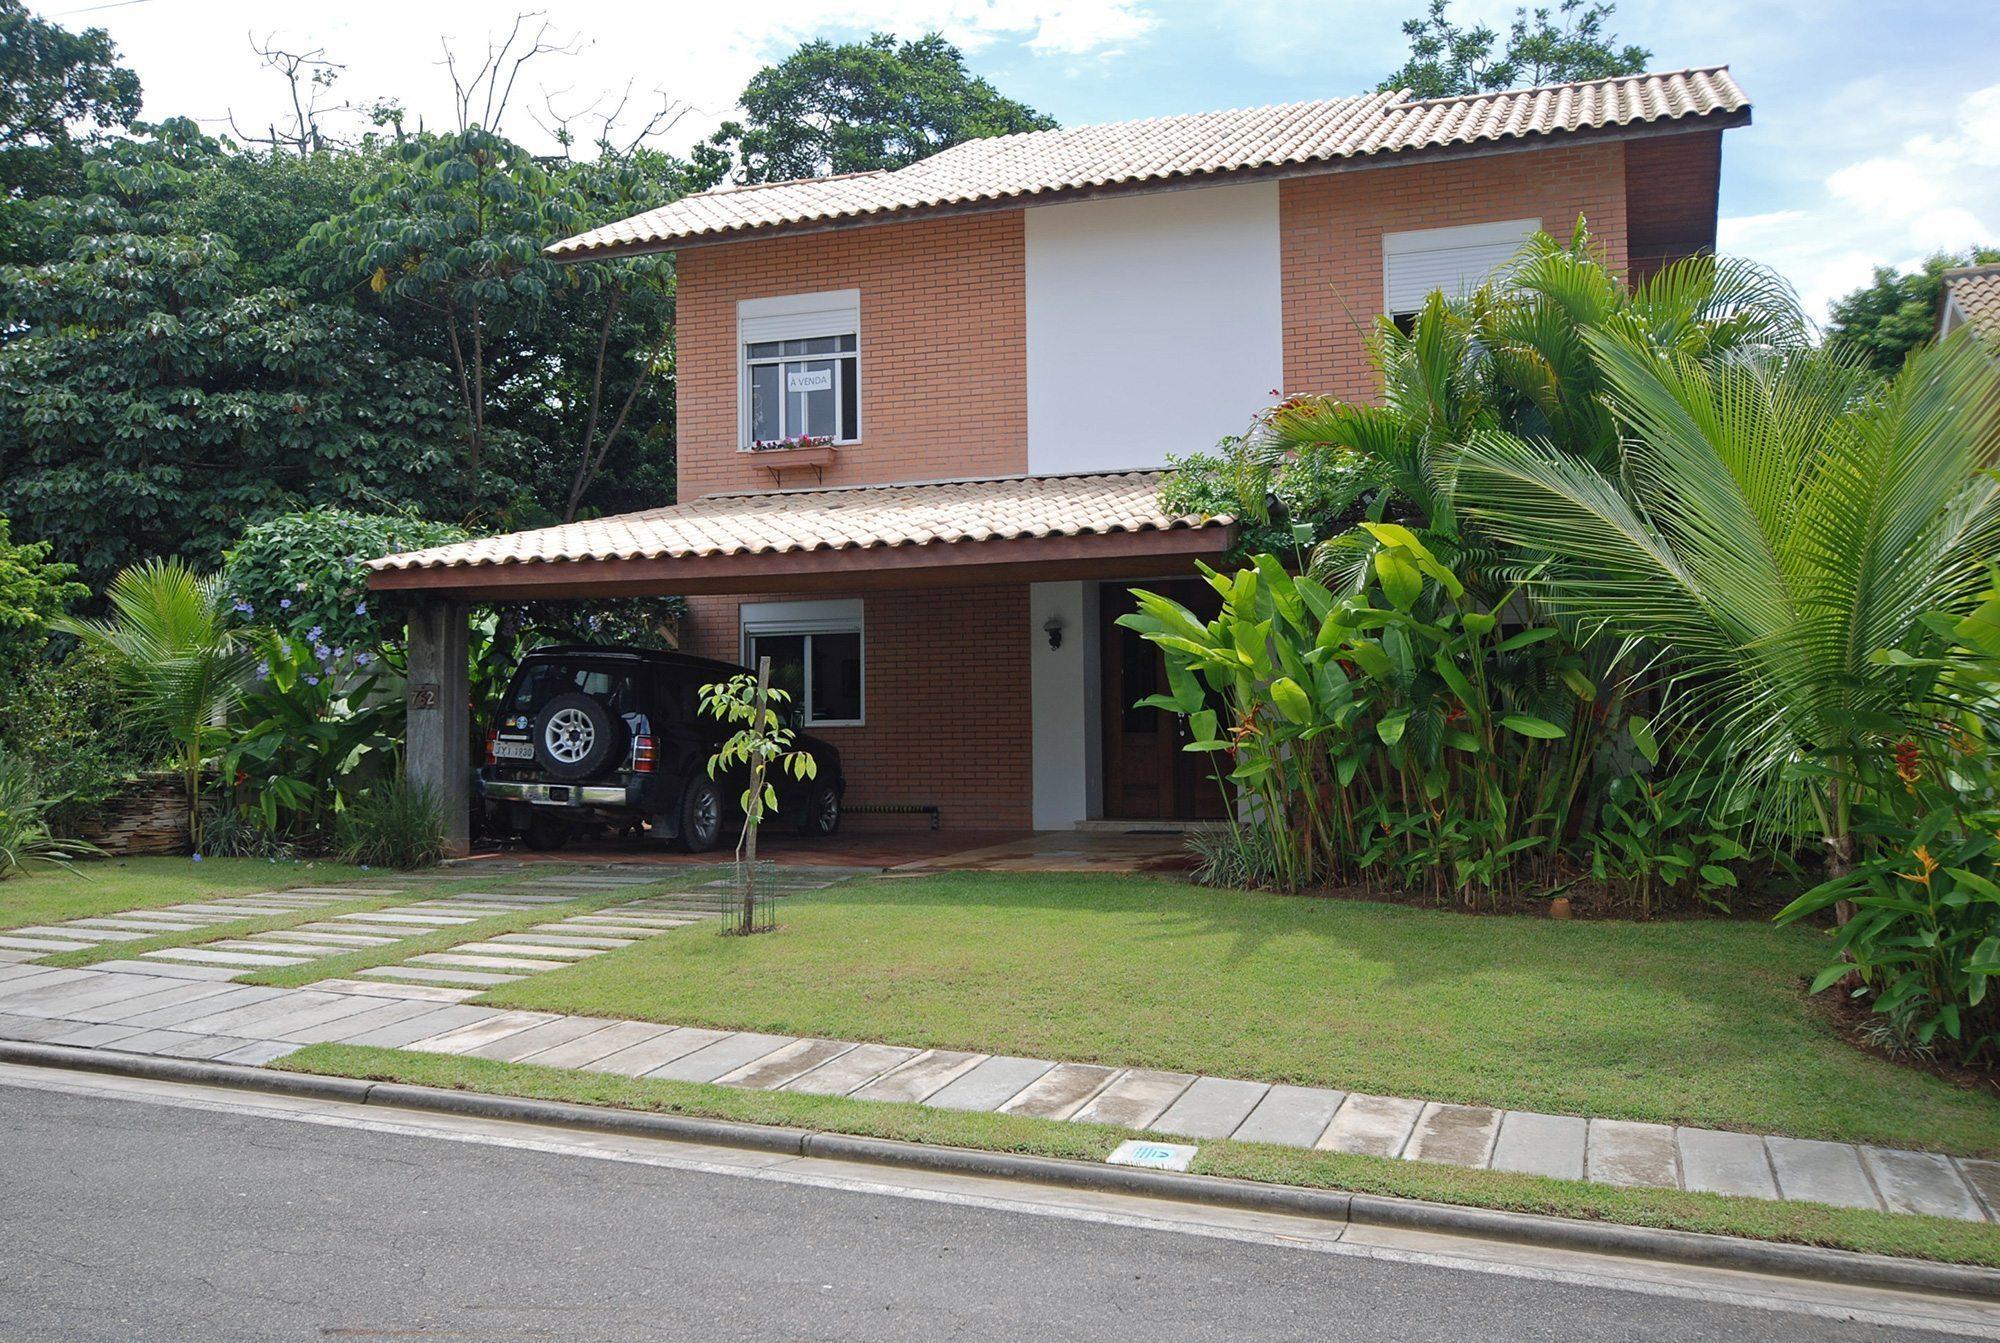 Modern home for sale in alphaville paralela hansen im veis for Modern rustic homes for sale